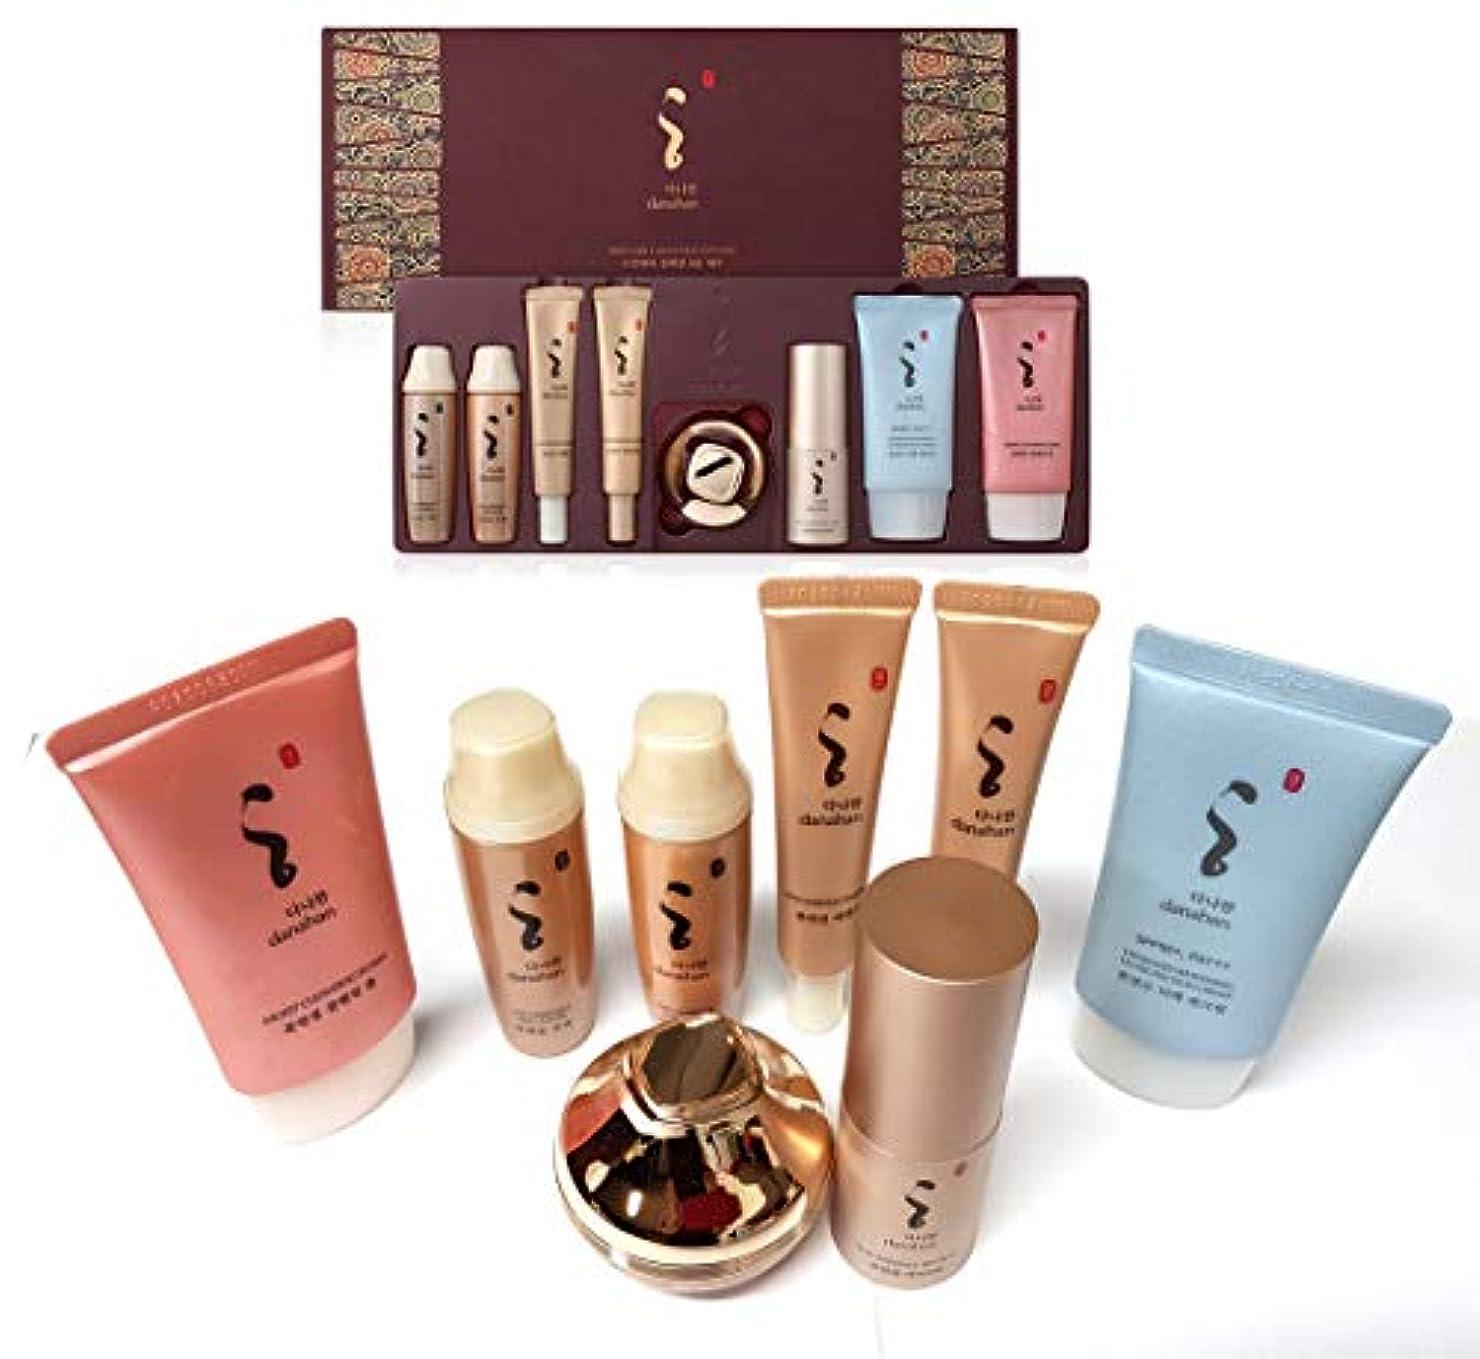 肥満昨日ソート[DANAHAN] スキンケアコレクションギフト8本セット/ Skin Care Collection gift 8pcs set/モイスチャー、ハーバルフルイド/Moisture, herbal fluidn/韓国化粧品...